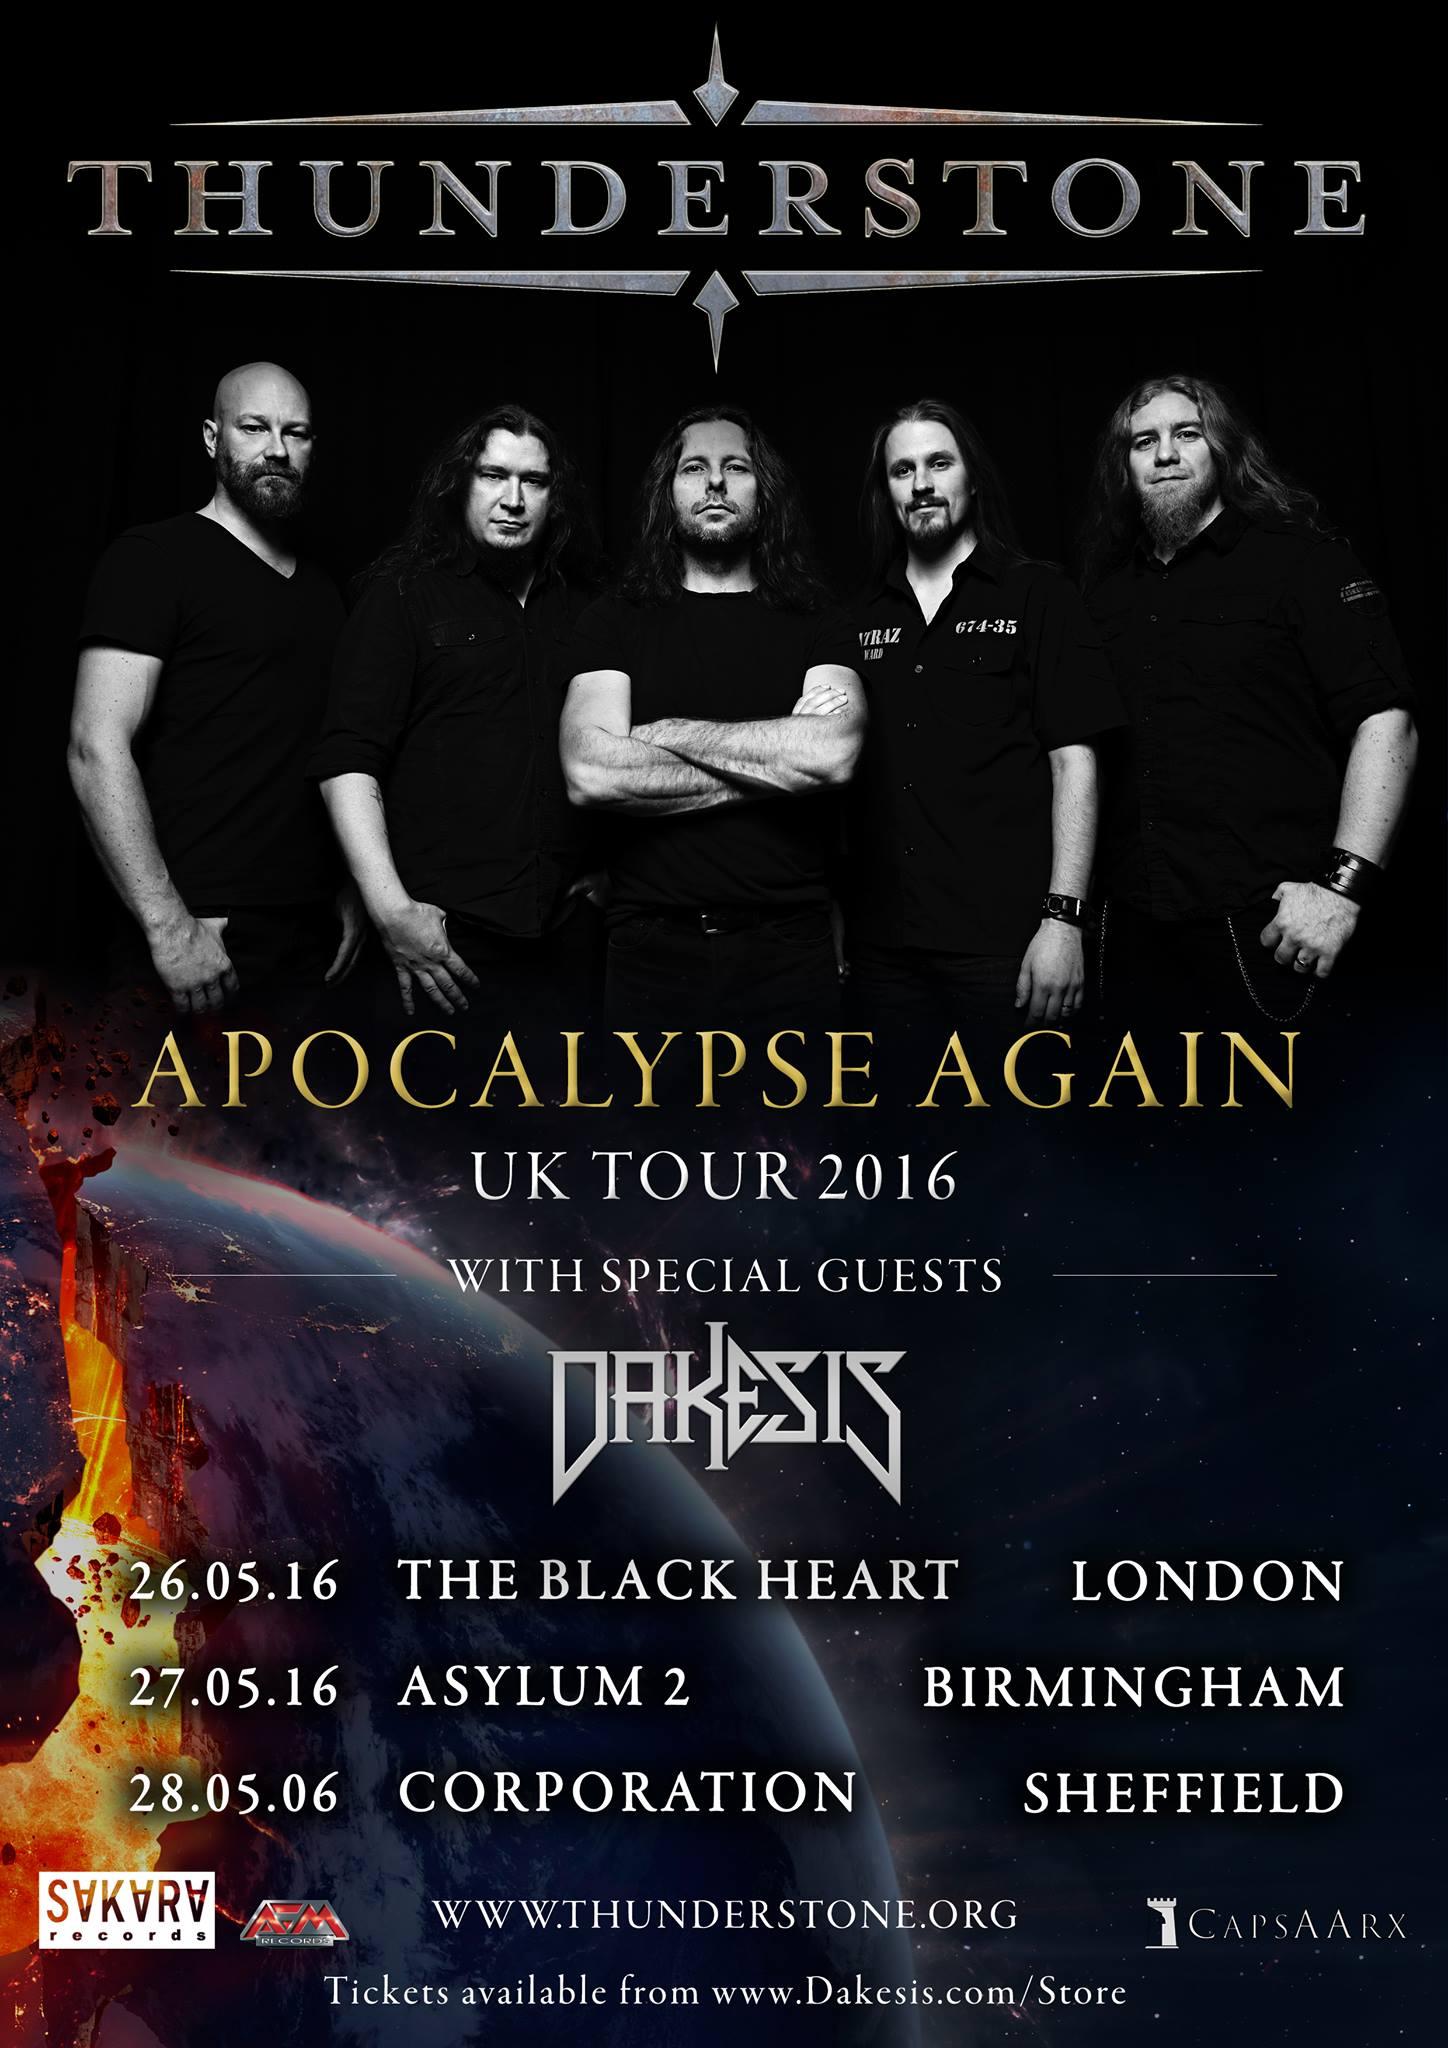 Thunderstone Apocalypse Again UK Tour 2016 with Dakesis